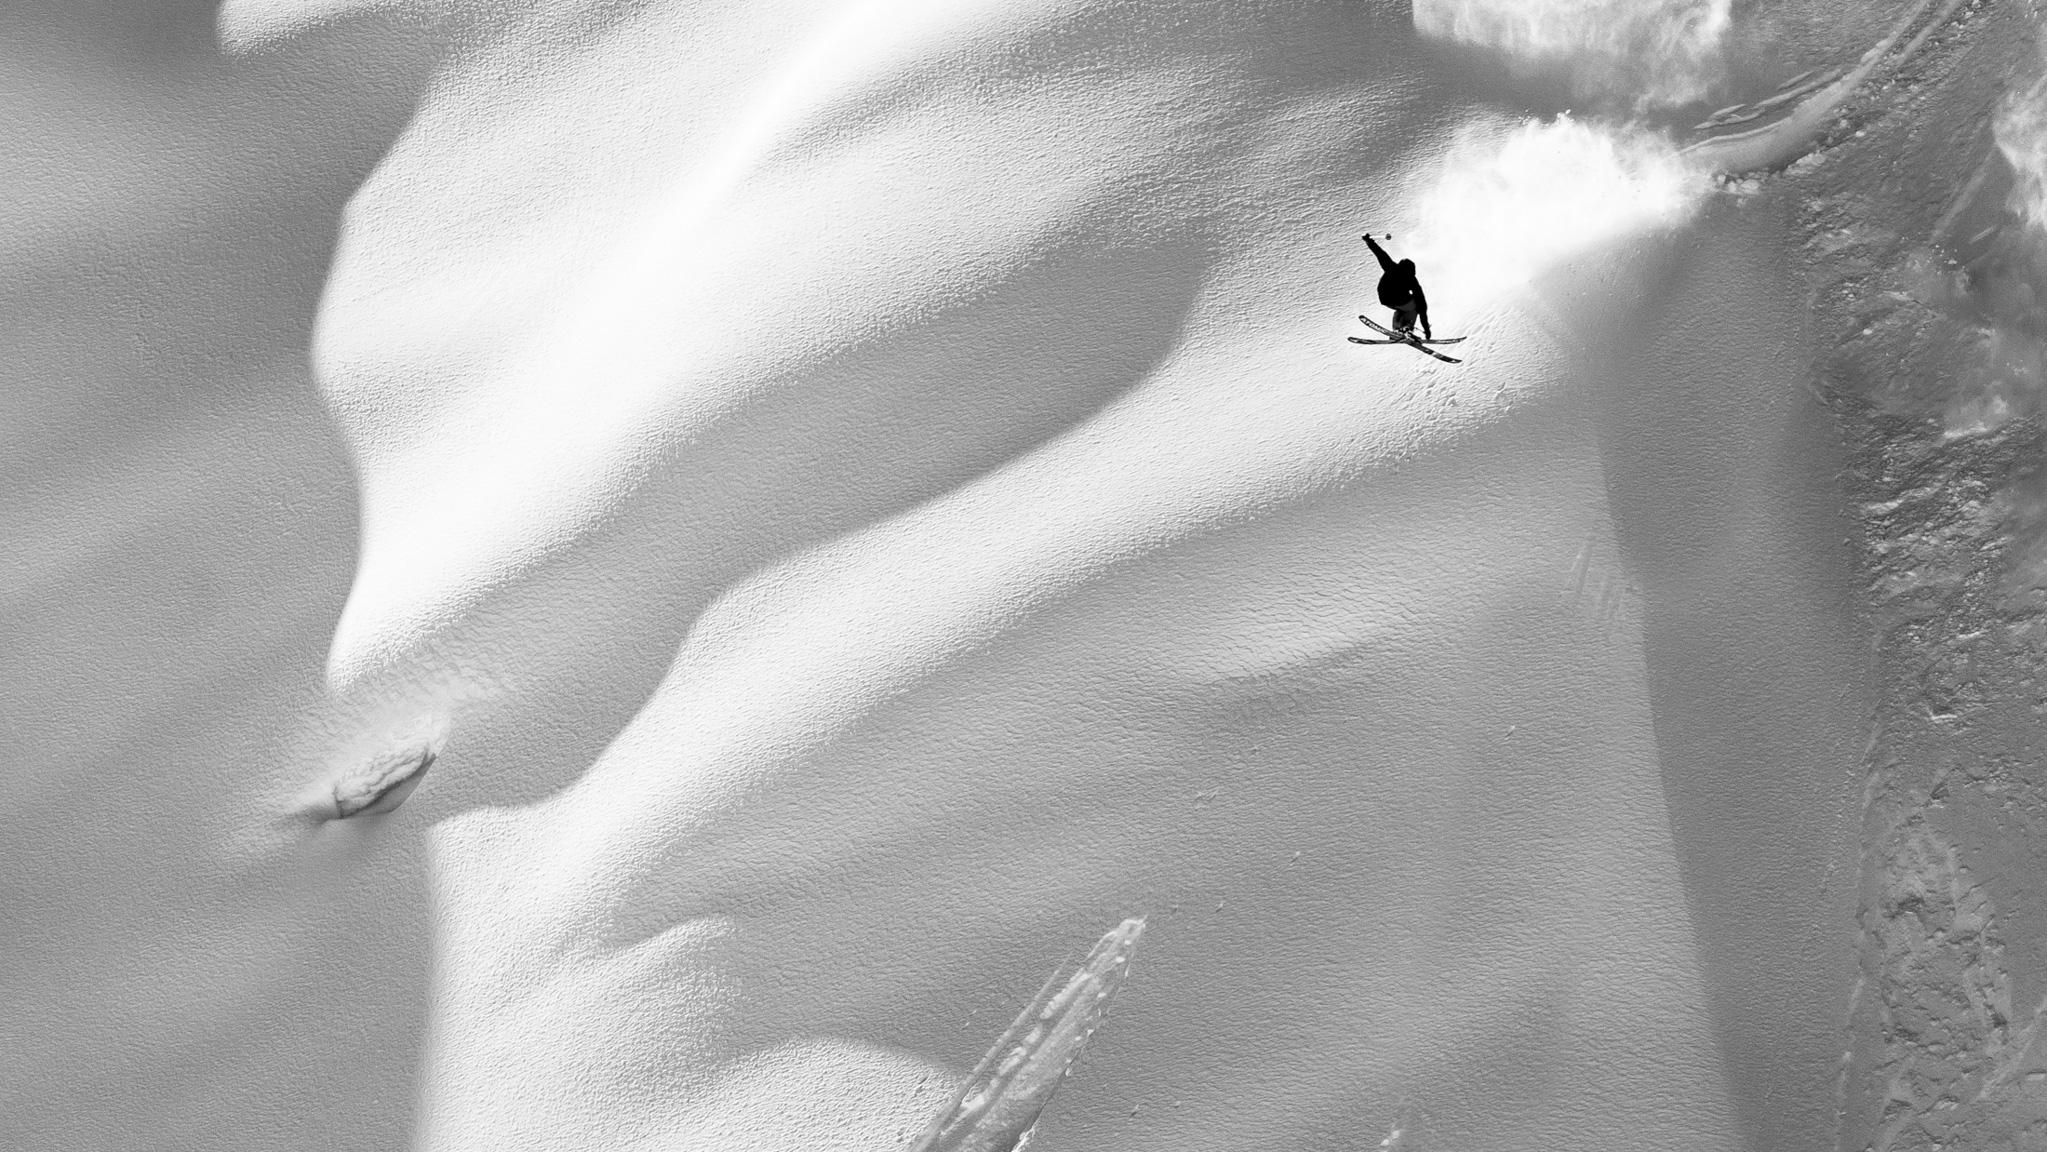 Chris Benchetler, Whistler, Canada